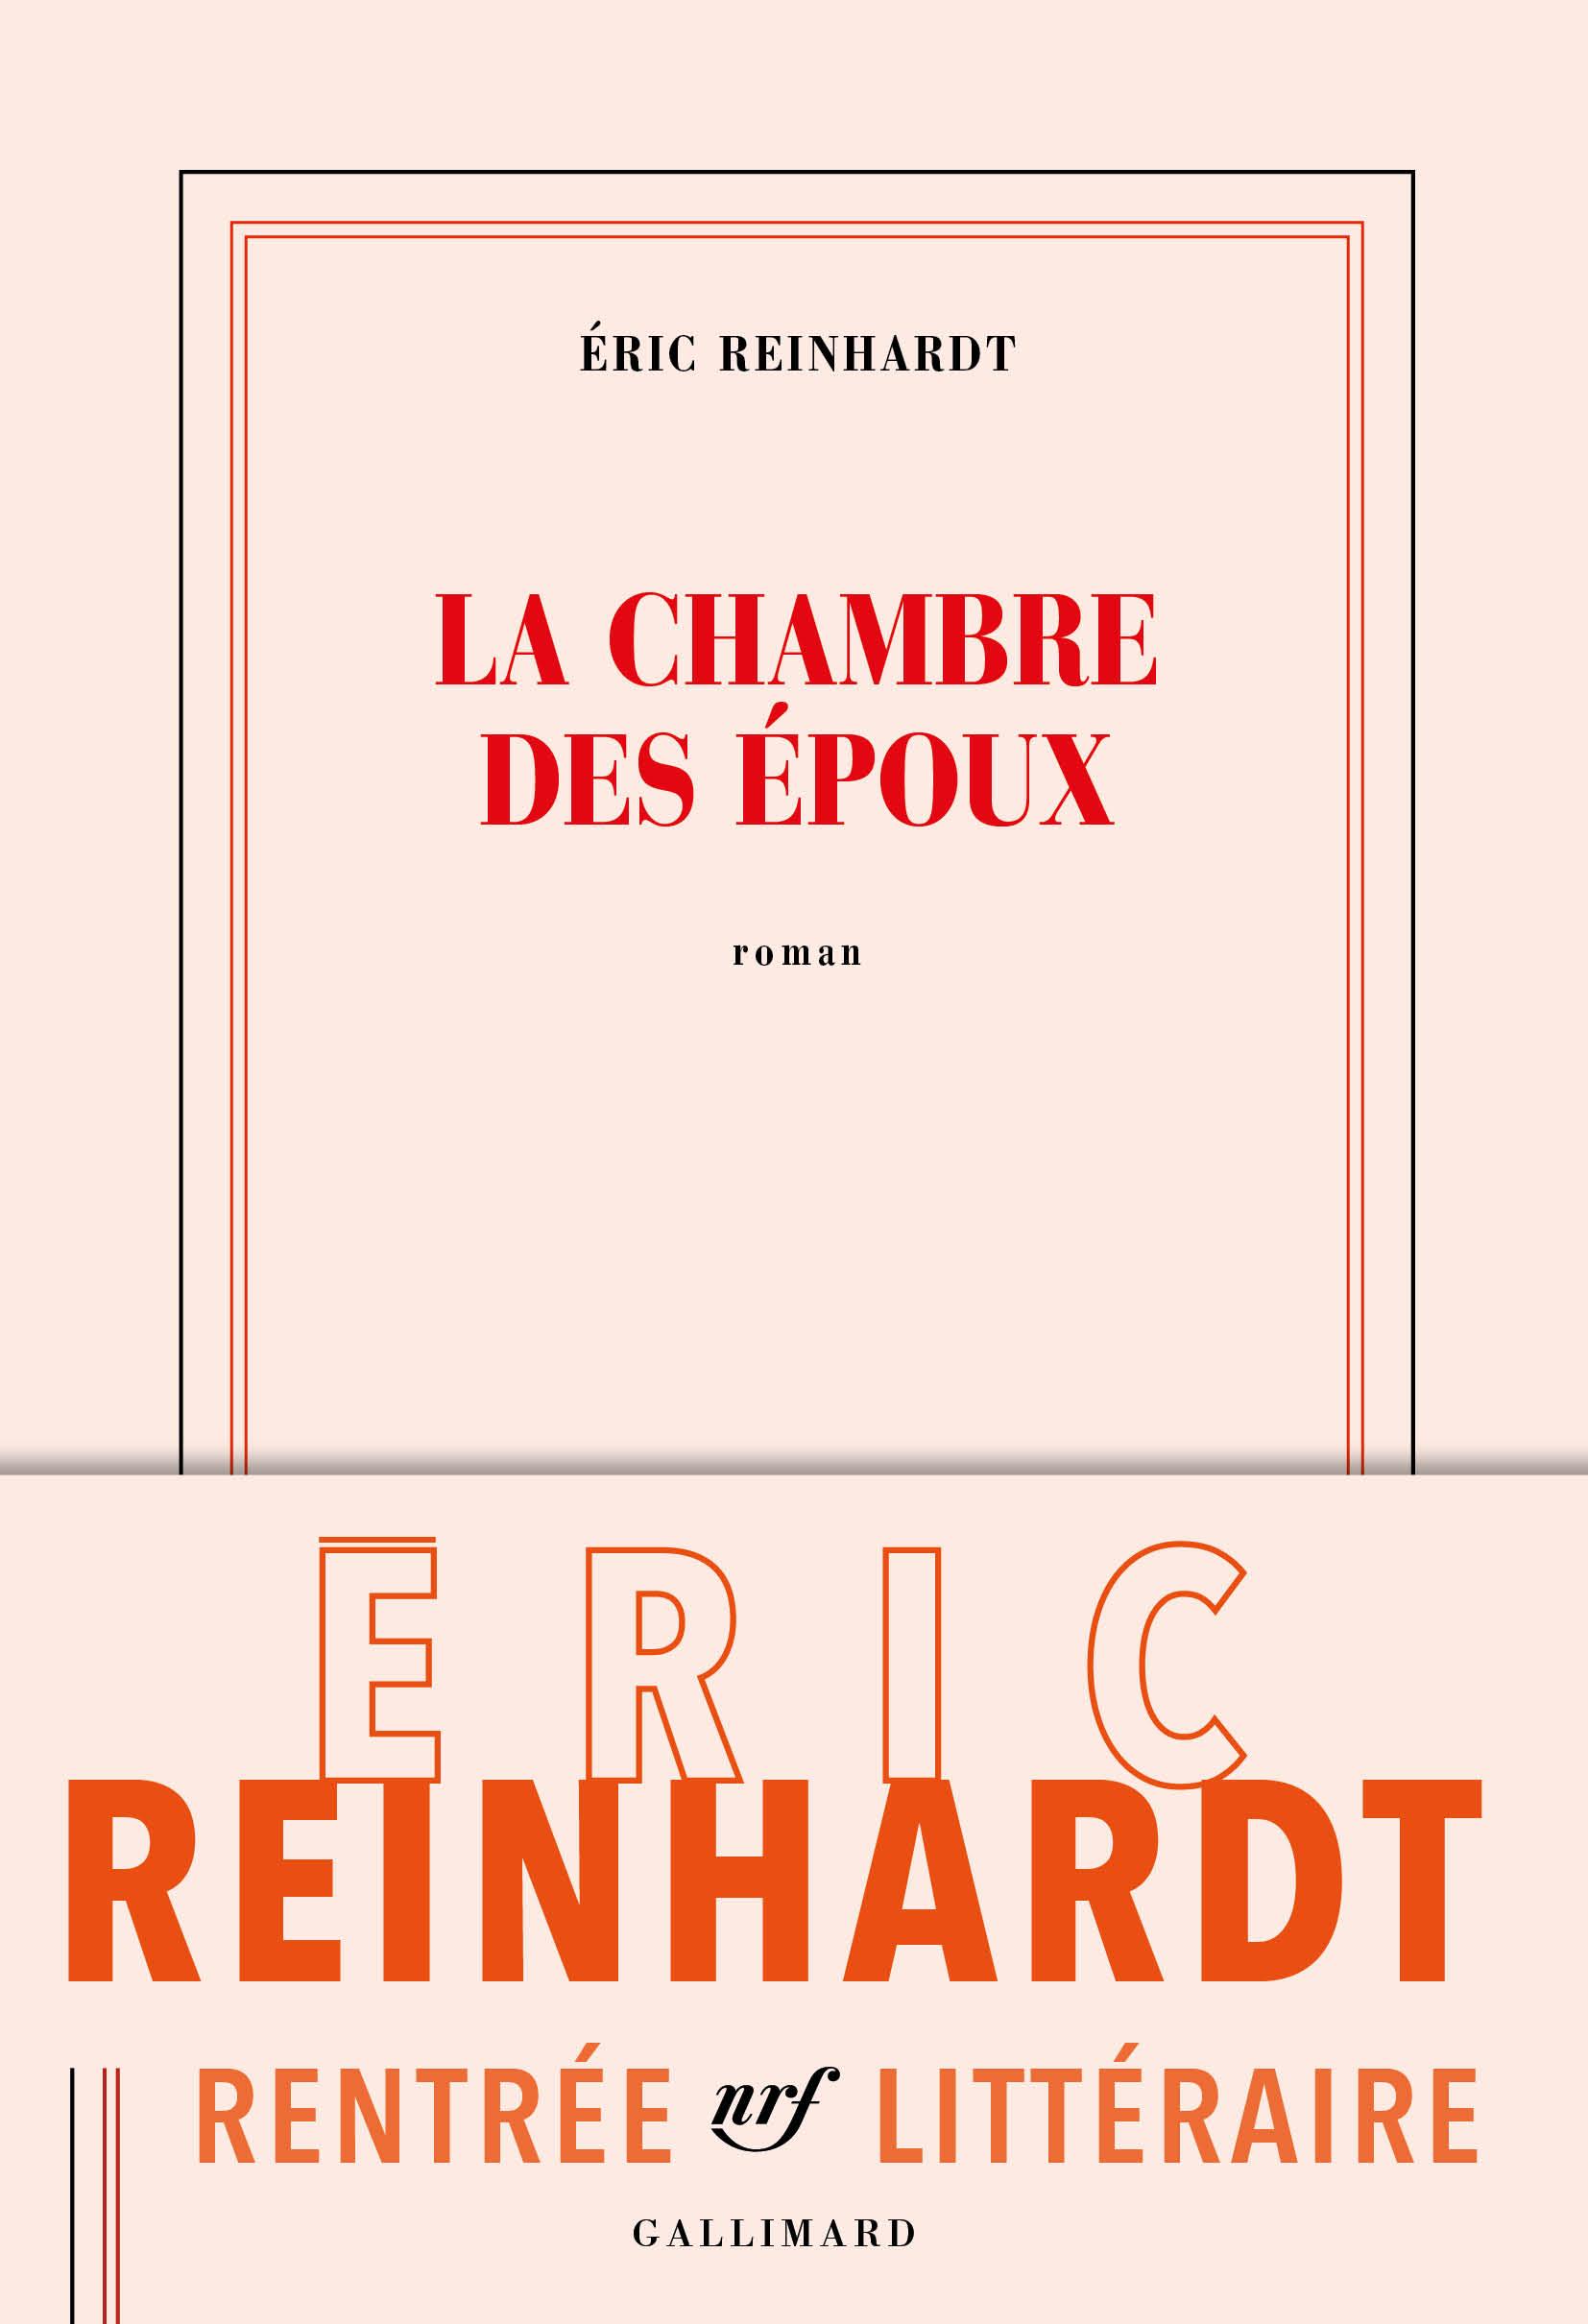 eric_reinhardt_-_la_chambre_des_epoux.jpg